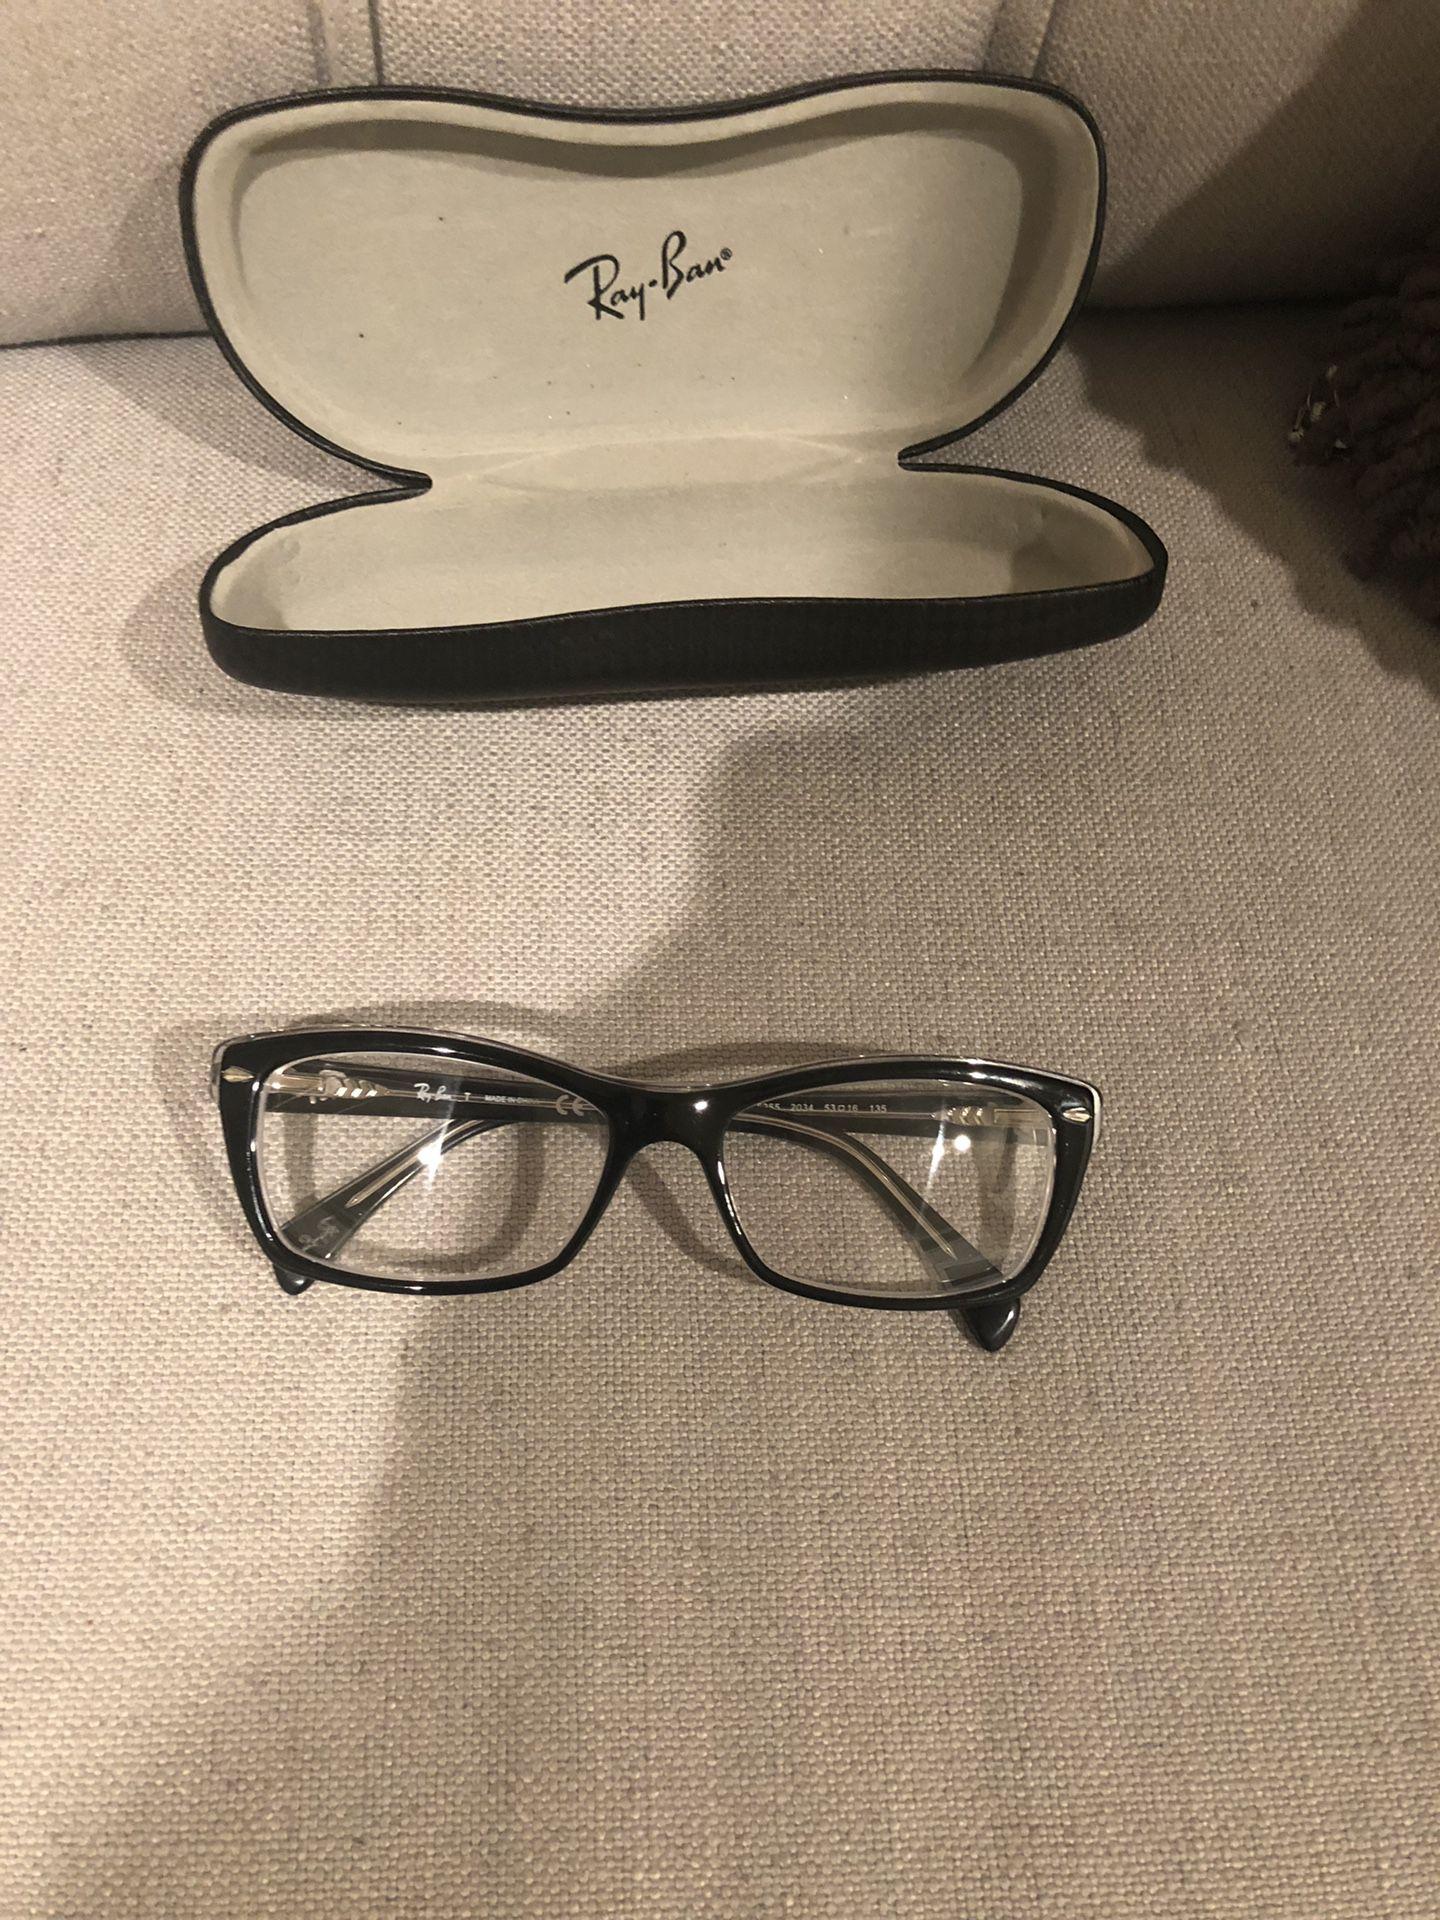 New Ray ban prescription glasses